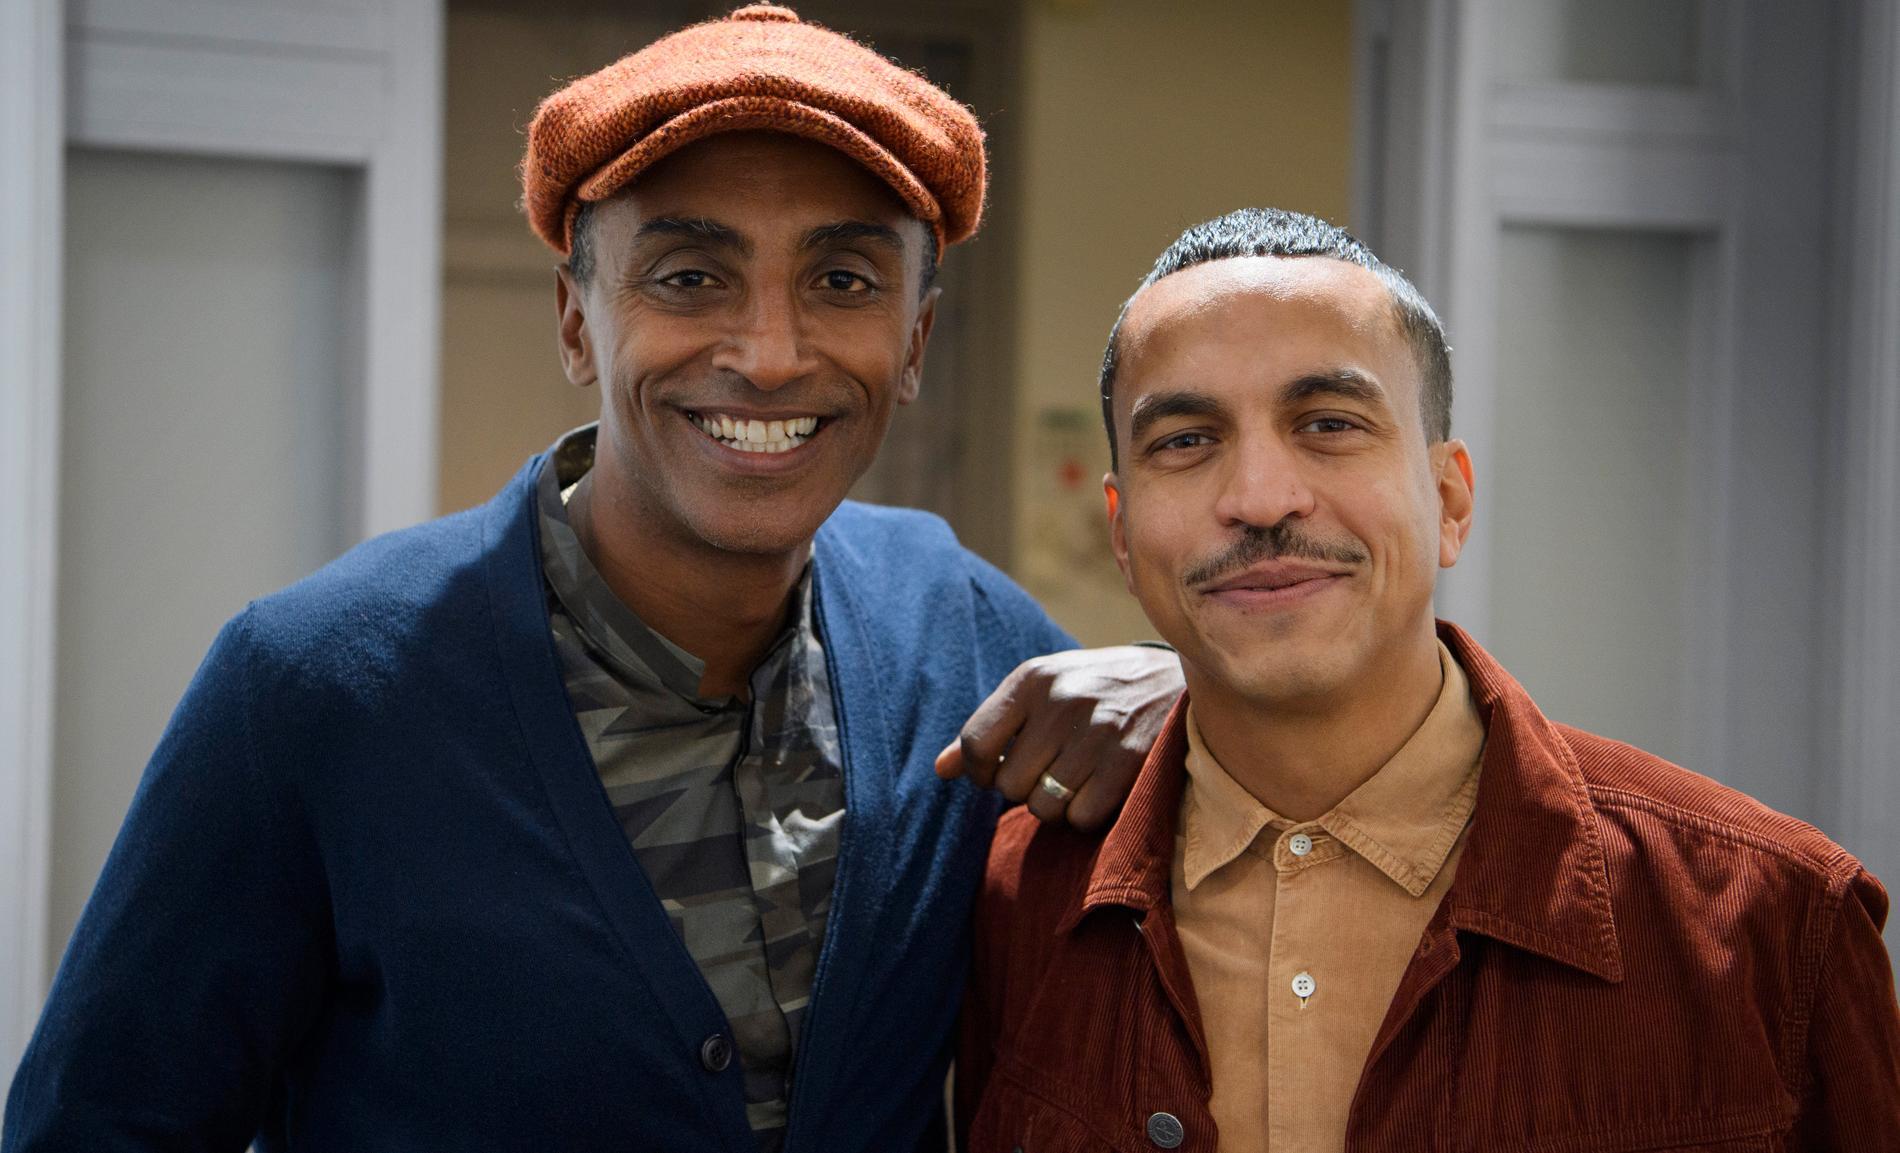 """Stjärnkocken Marcus Samuelsson och artisten Jason """"Timbuktu"""" Diakité gör tillsammans podden """"This moment"""". Nu ska de också tävla i """"På spåret""""."""